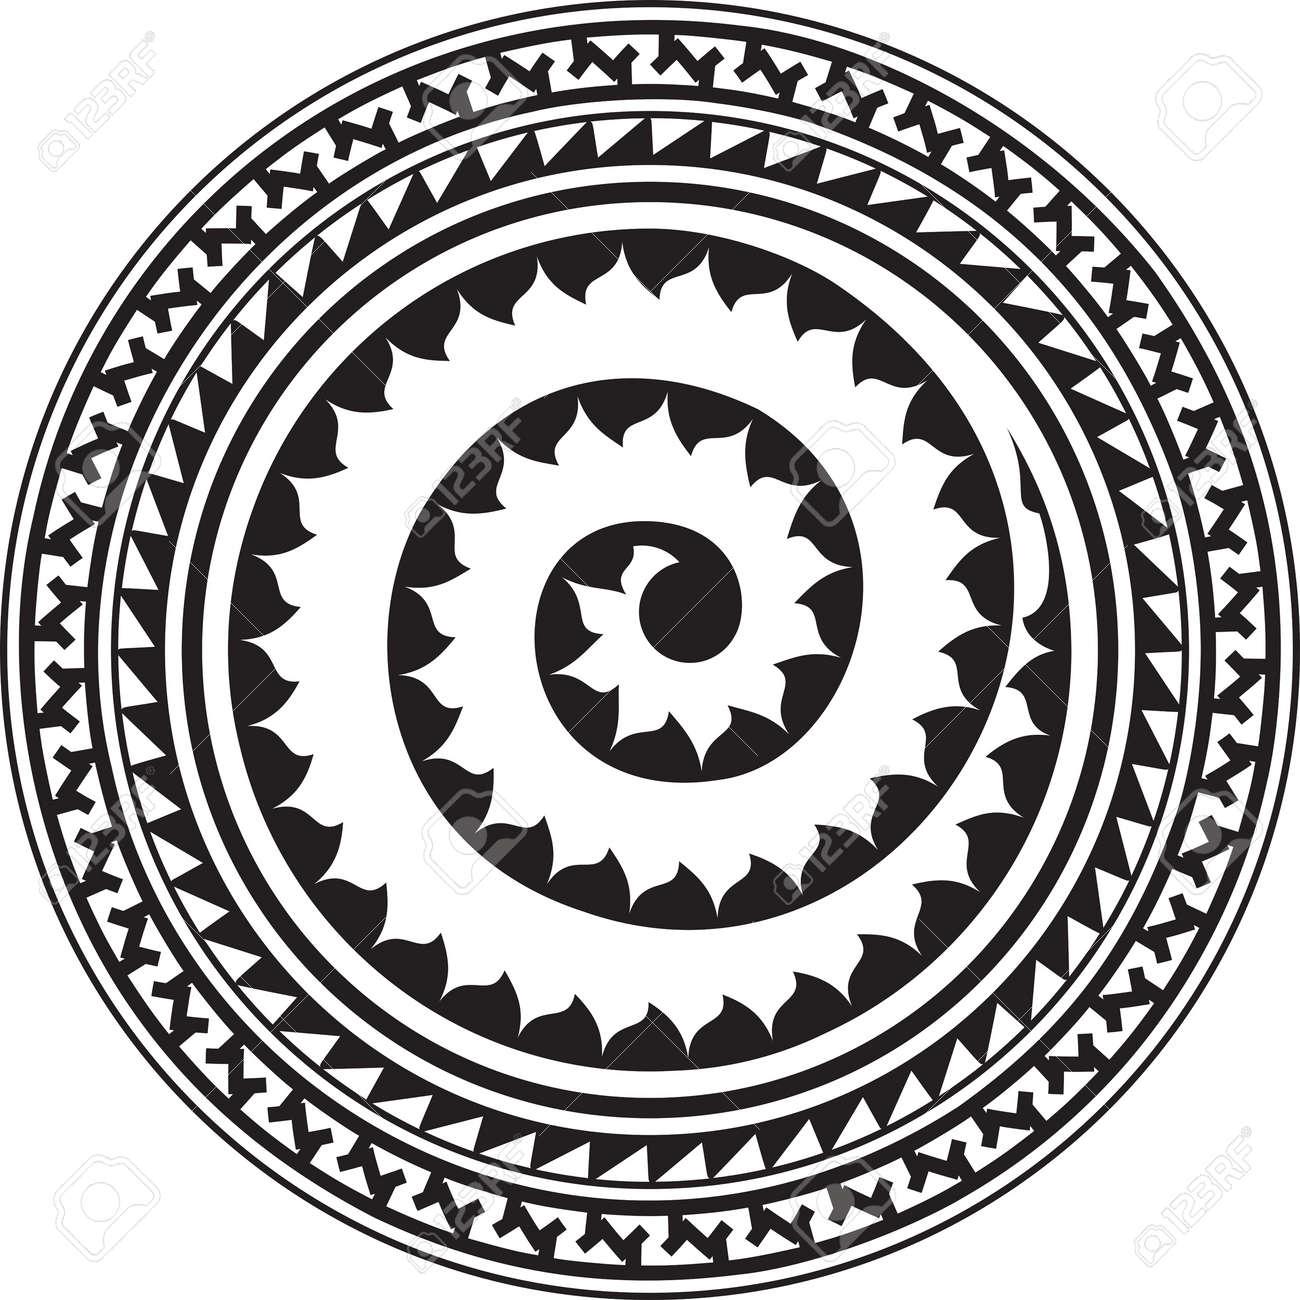 f150963c5 Tribal Tattoo Circular Vector Art Royalty Free Cliparts, Vectors ...